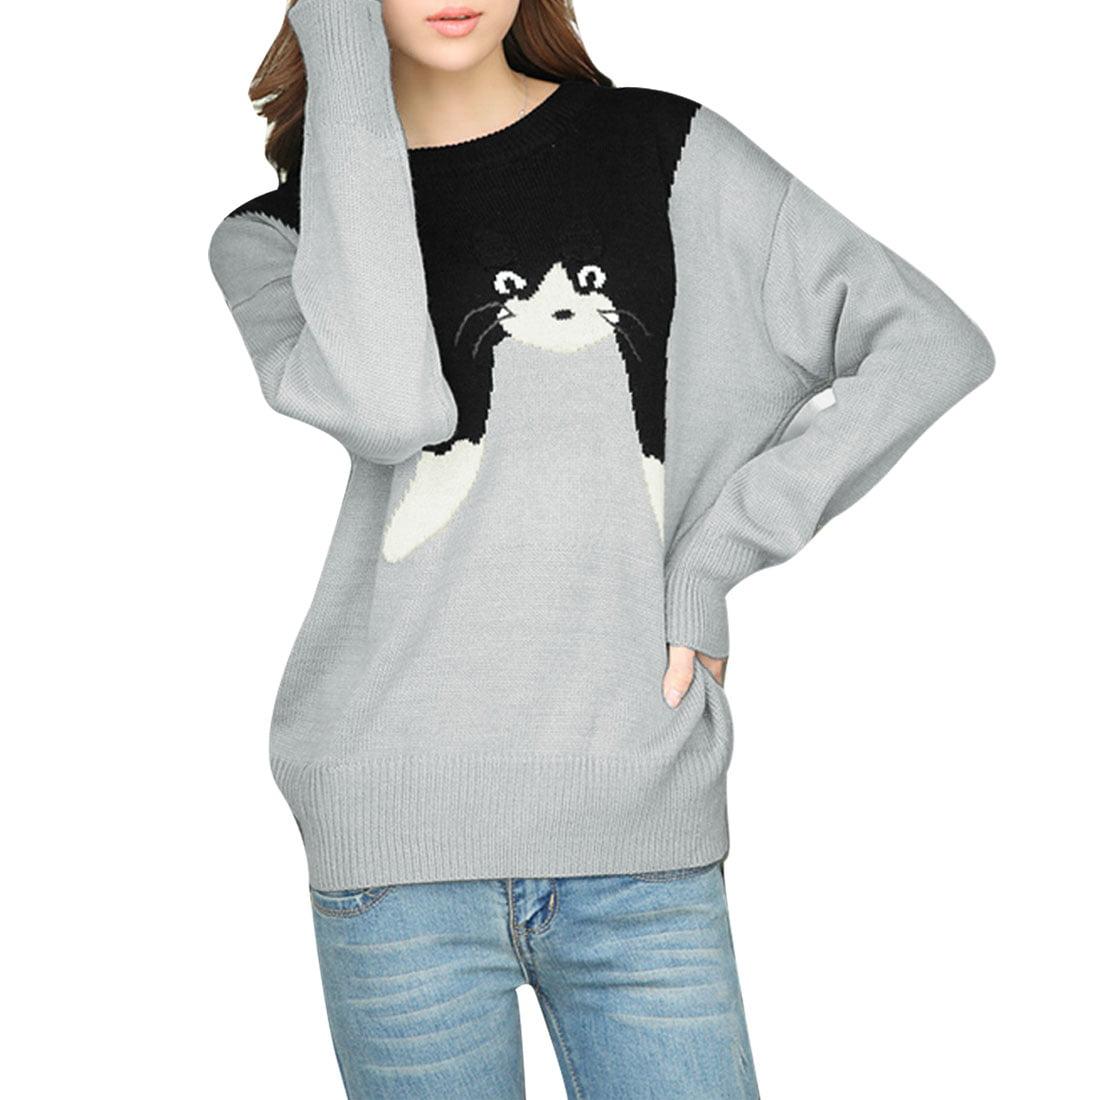 Allegra K Women's Dolman Sleeves Cartoon Sweater